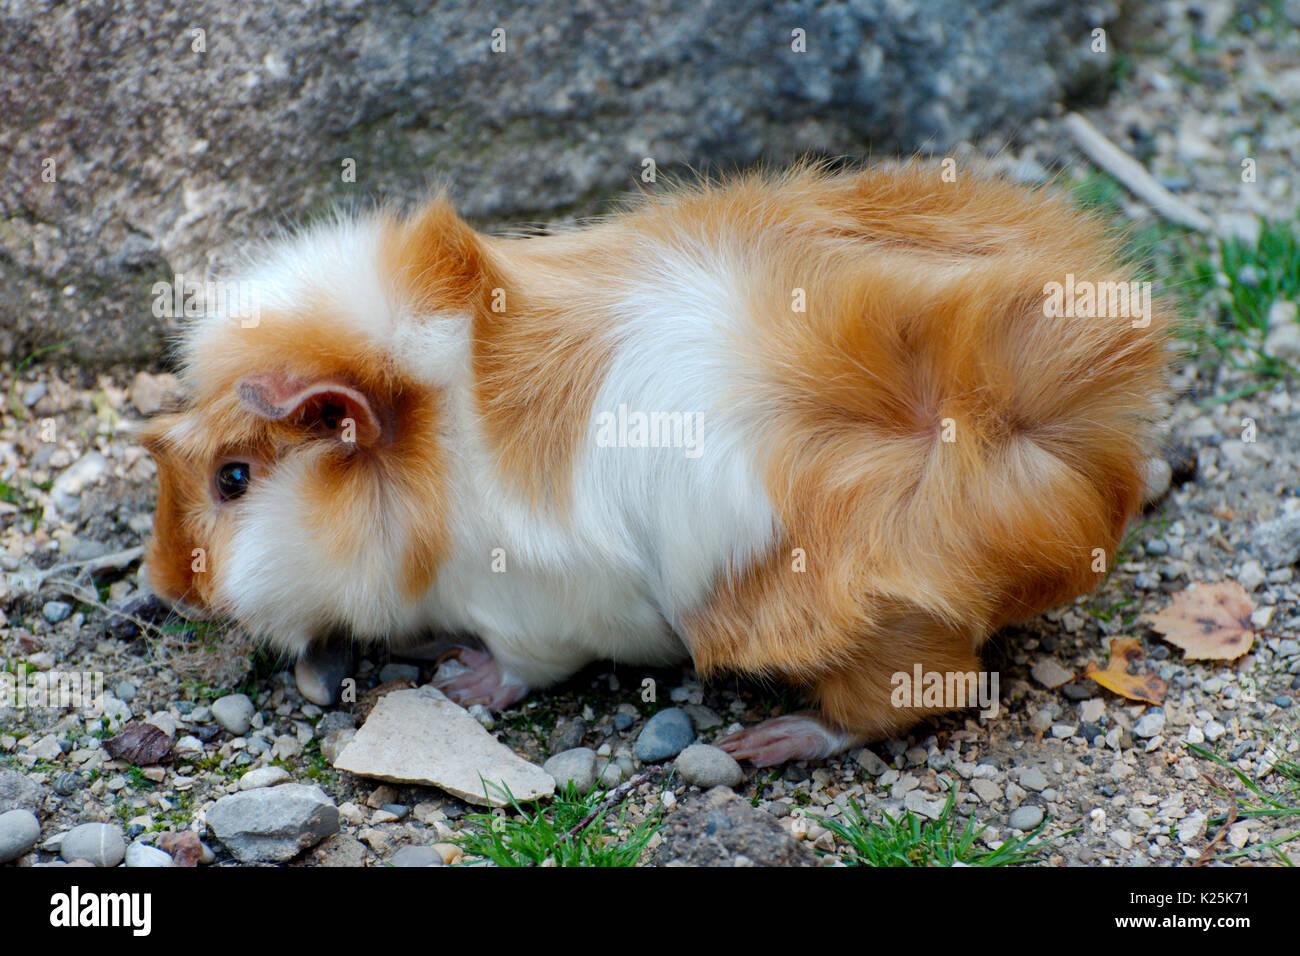 Guinea pig dating